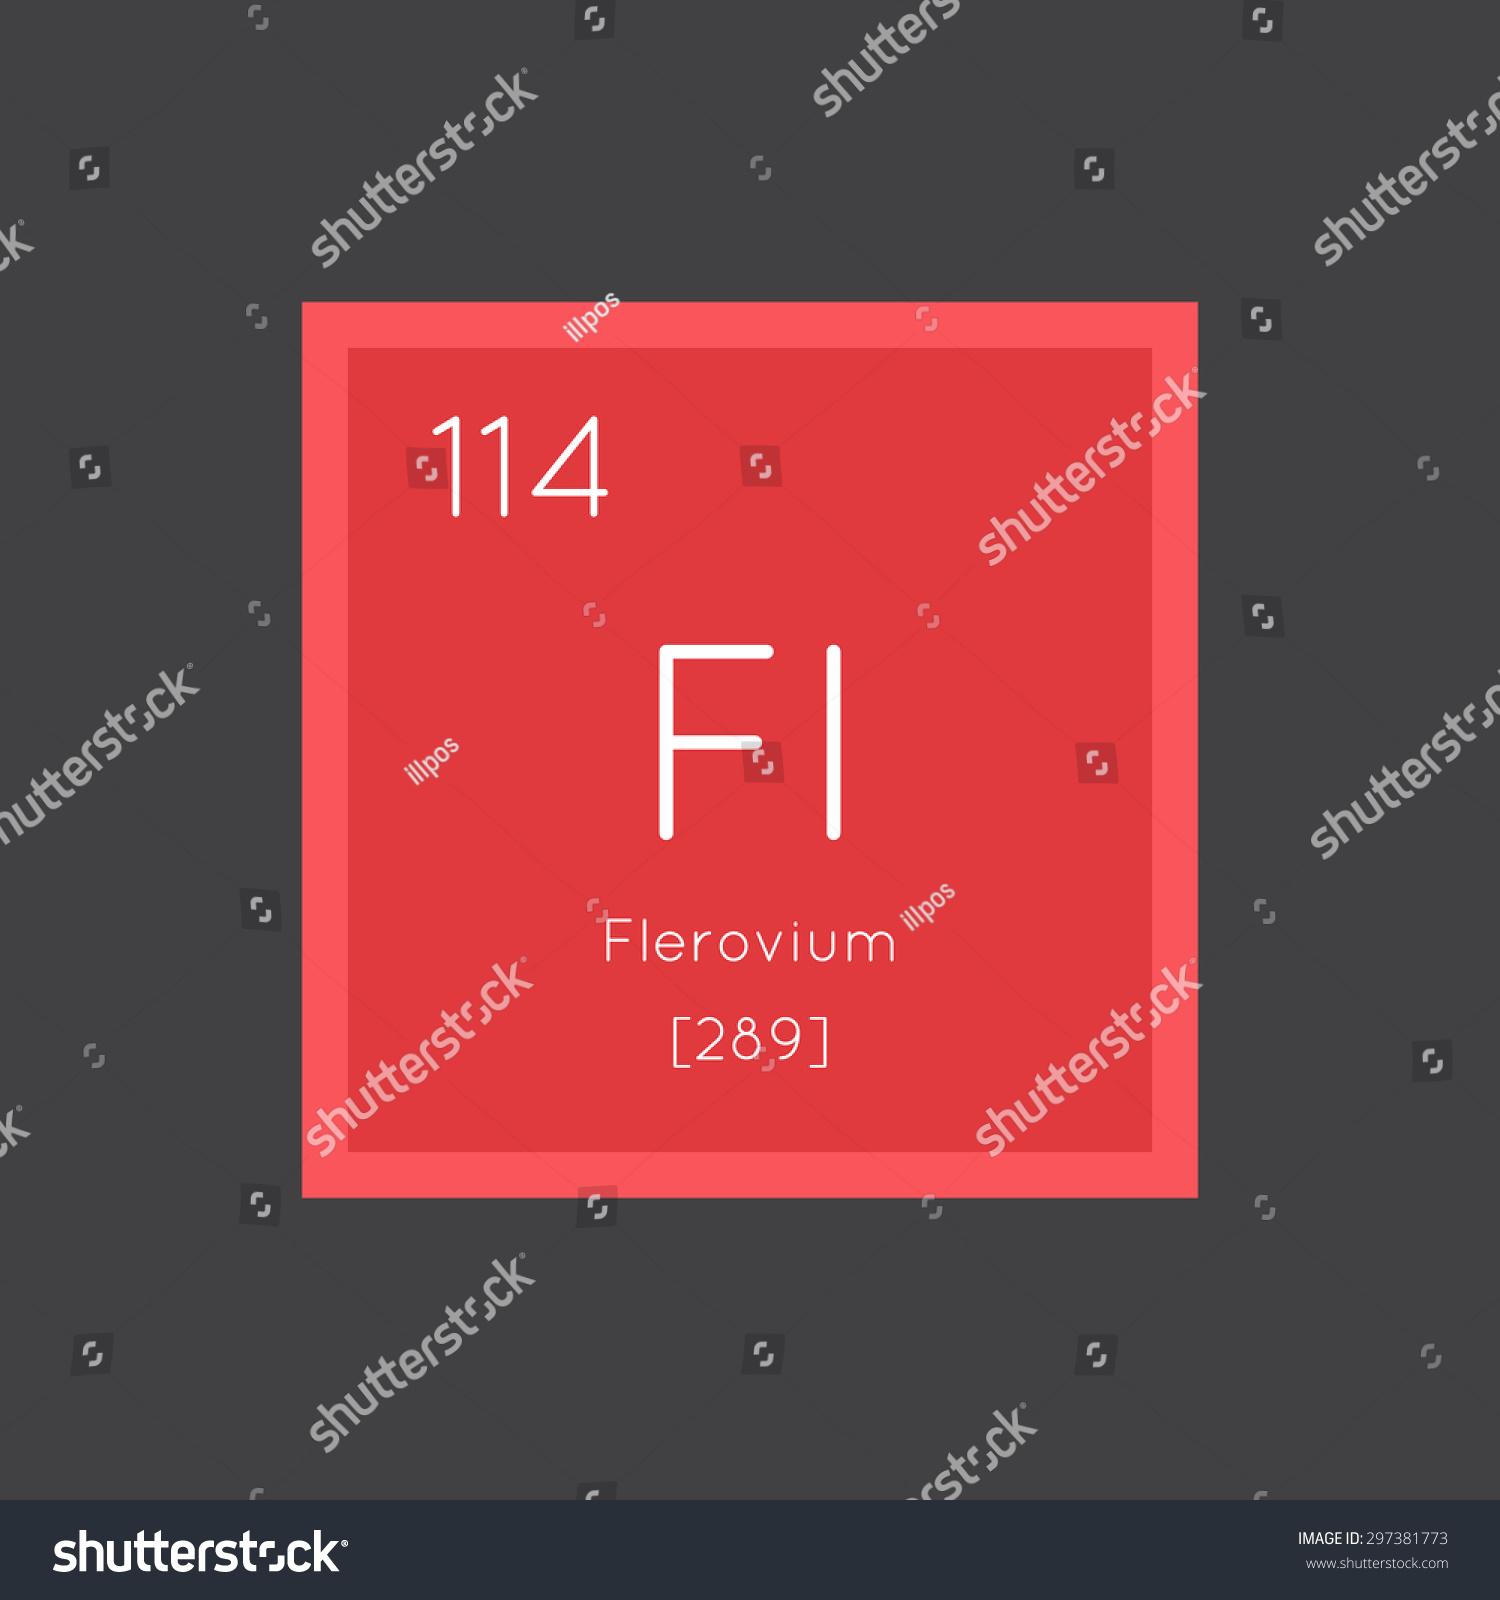 Flerovium element flerovium periodic table element symbol flerovium element flerovium simple style tile icon chemical element of periodic table vector illustration eps8 gamestrikefo Images